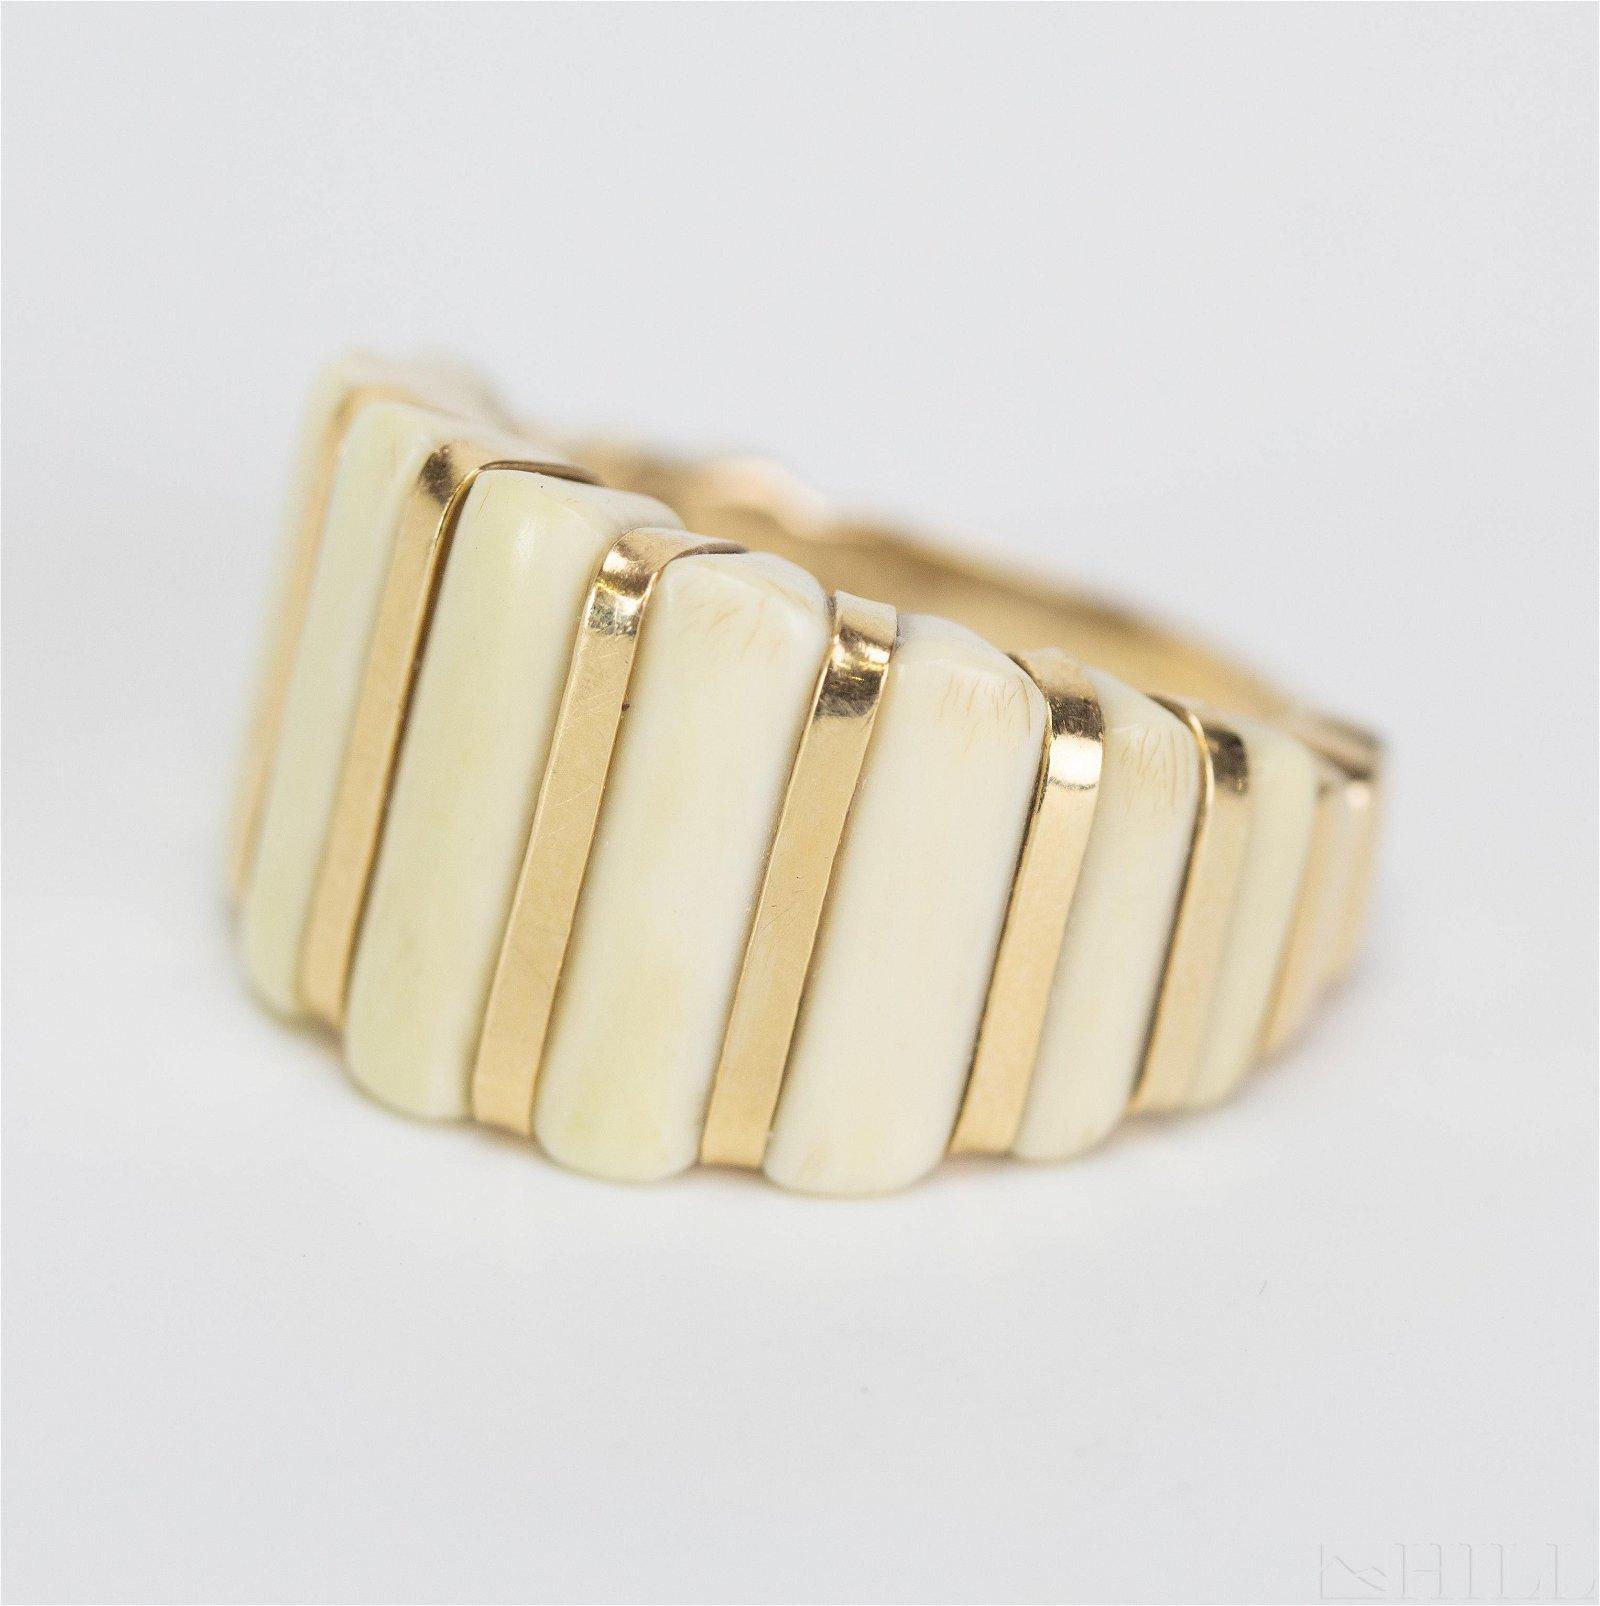 Designer Signed MAZ 14k Gold White Bone Ring Sz 5